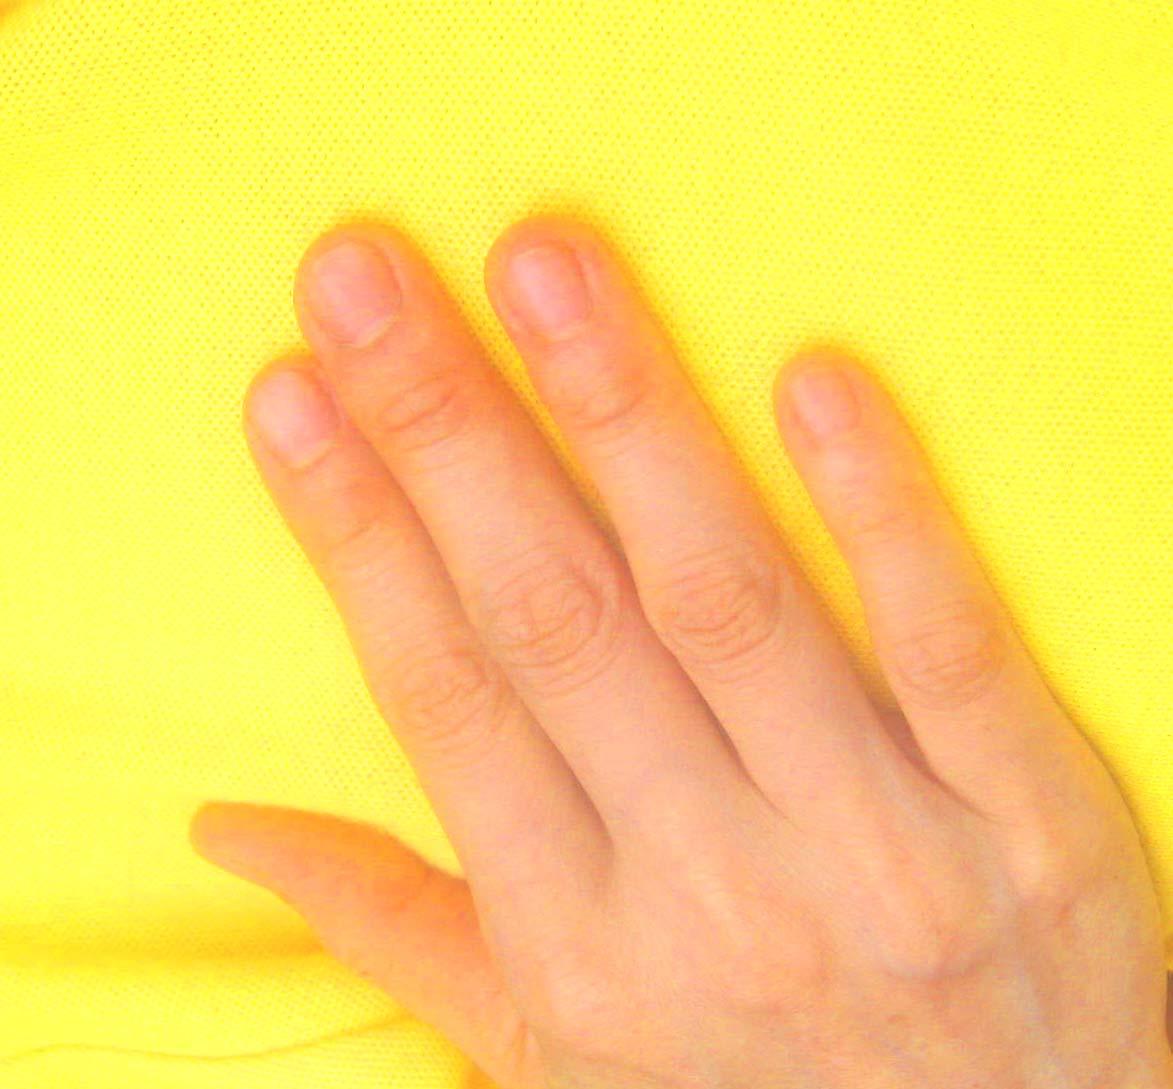 healinghands 5....jpg